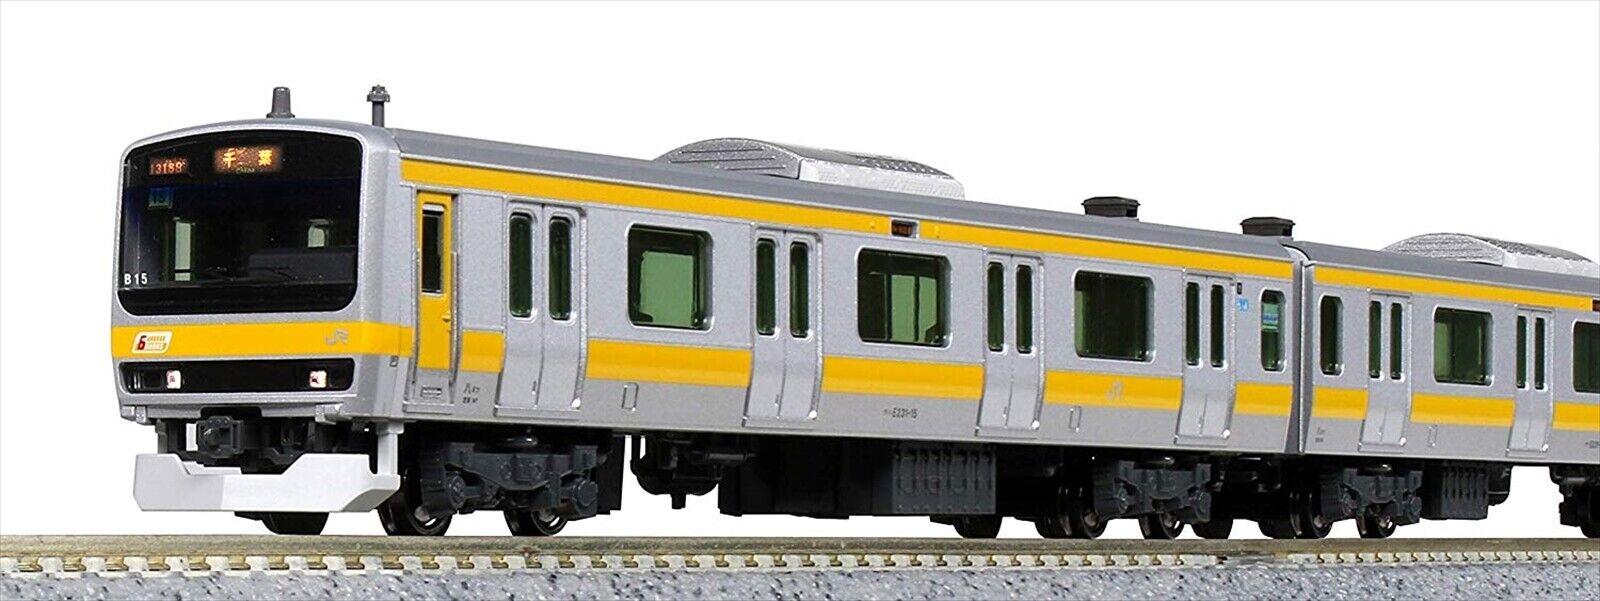 Kato N Scala E231 SERIE 0 SERIE CENTRALE sōbu delicata linea 6 Set di base 101520